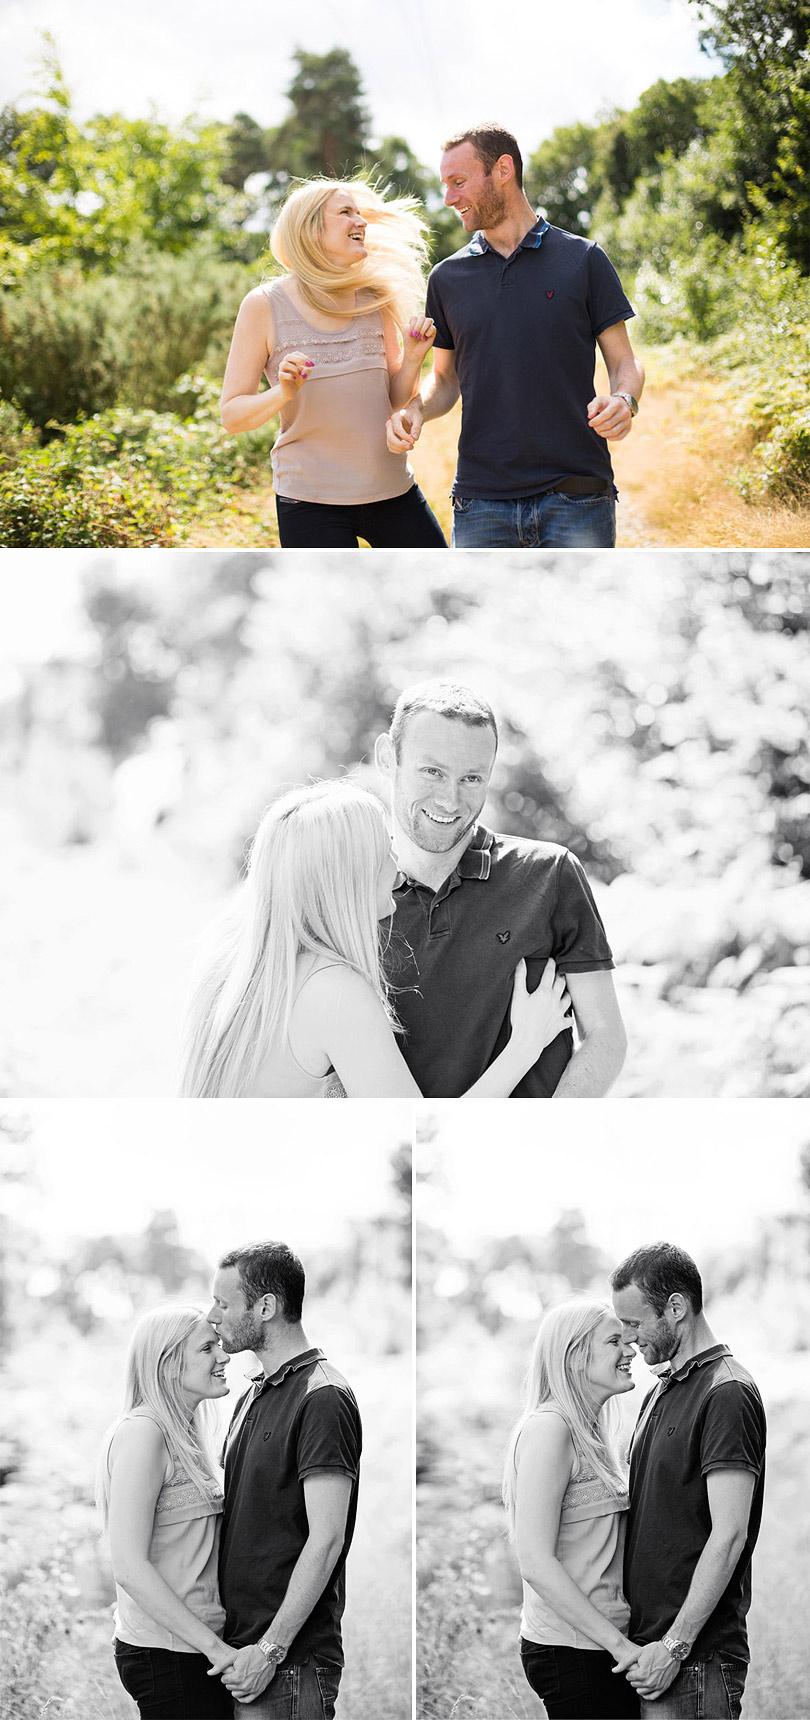 Vicki-&-James-Beloved-3.jpg